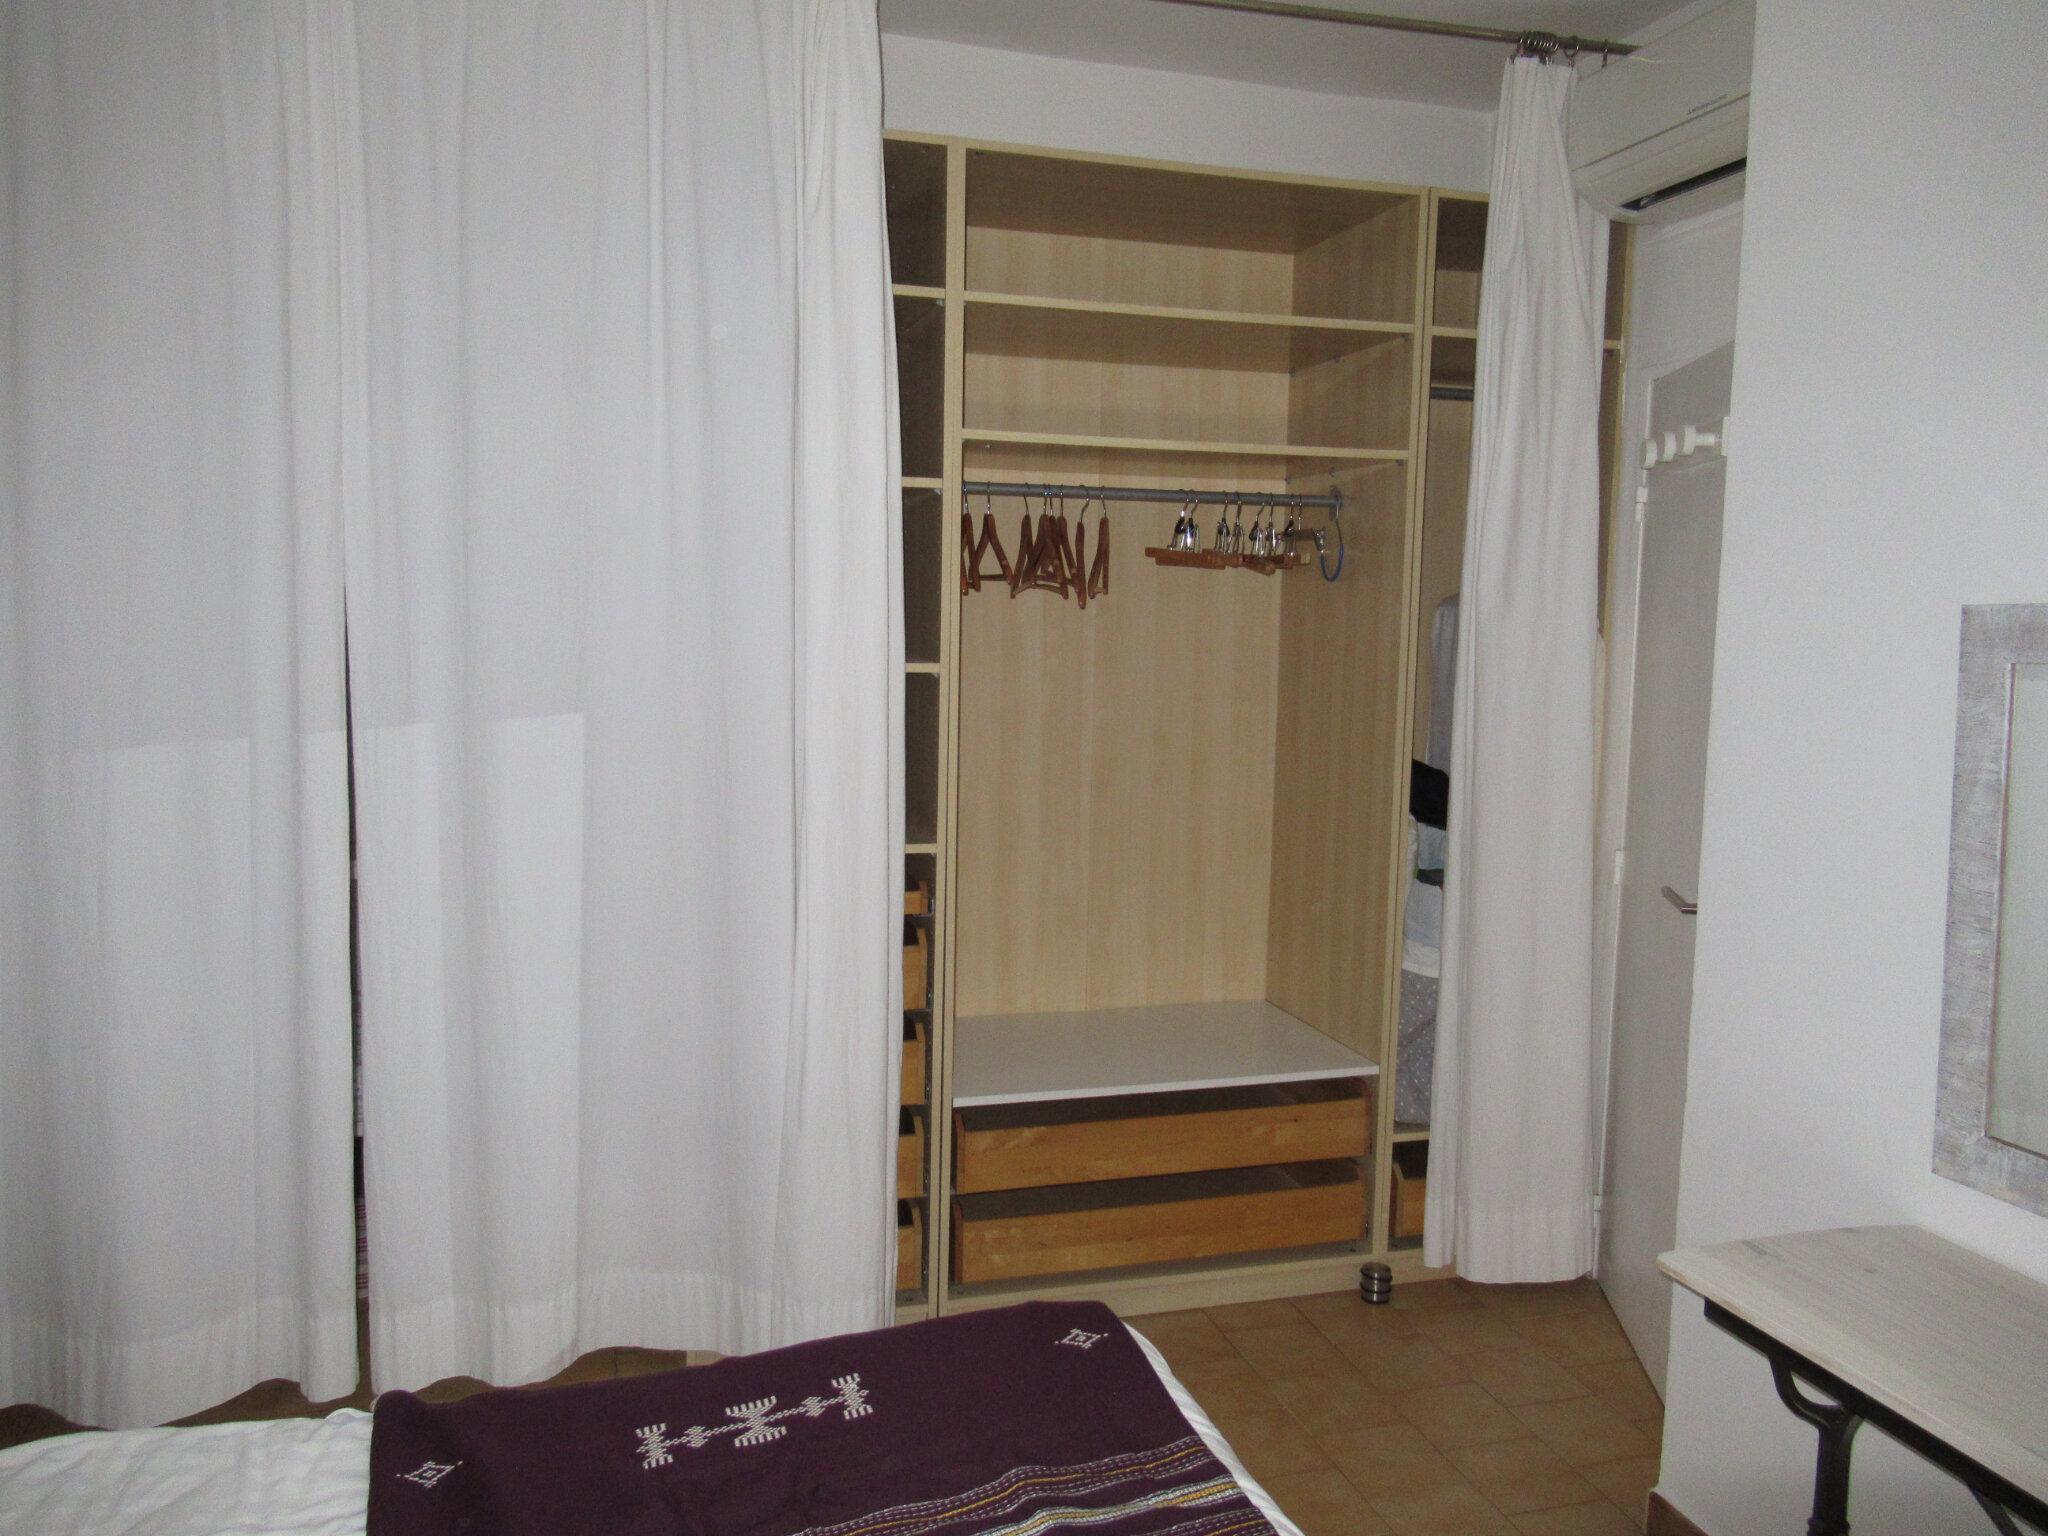 les rideaux ferment le grand dressing